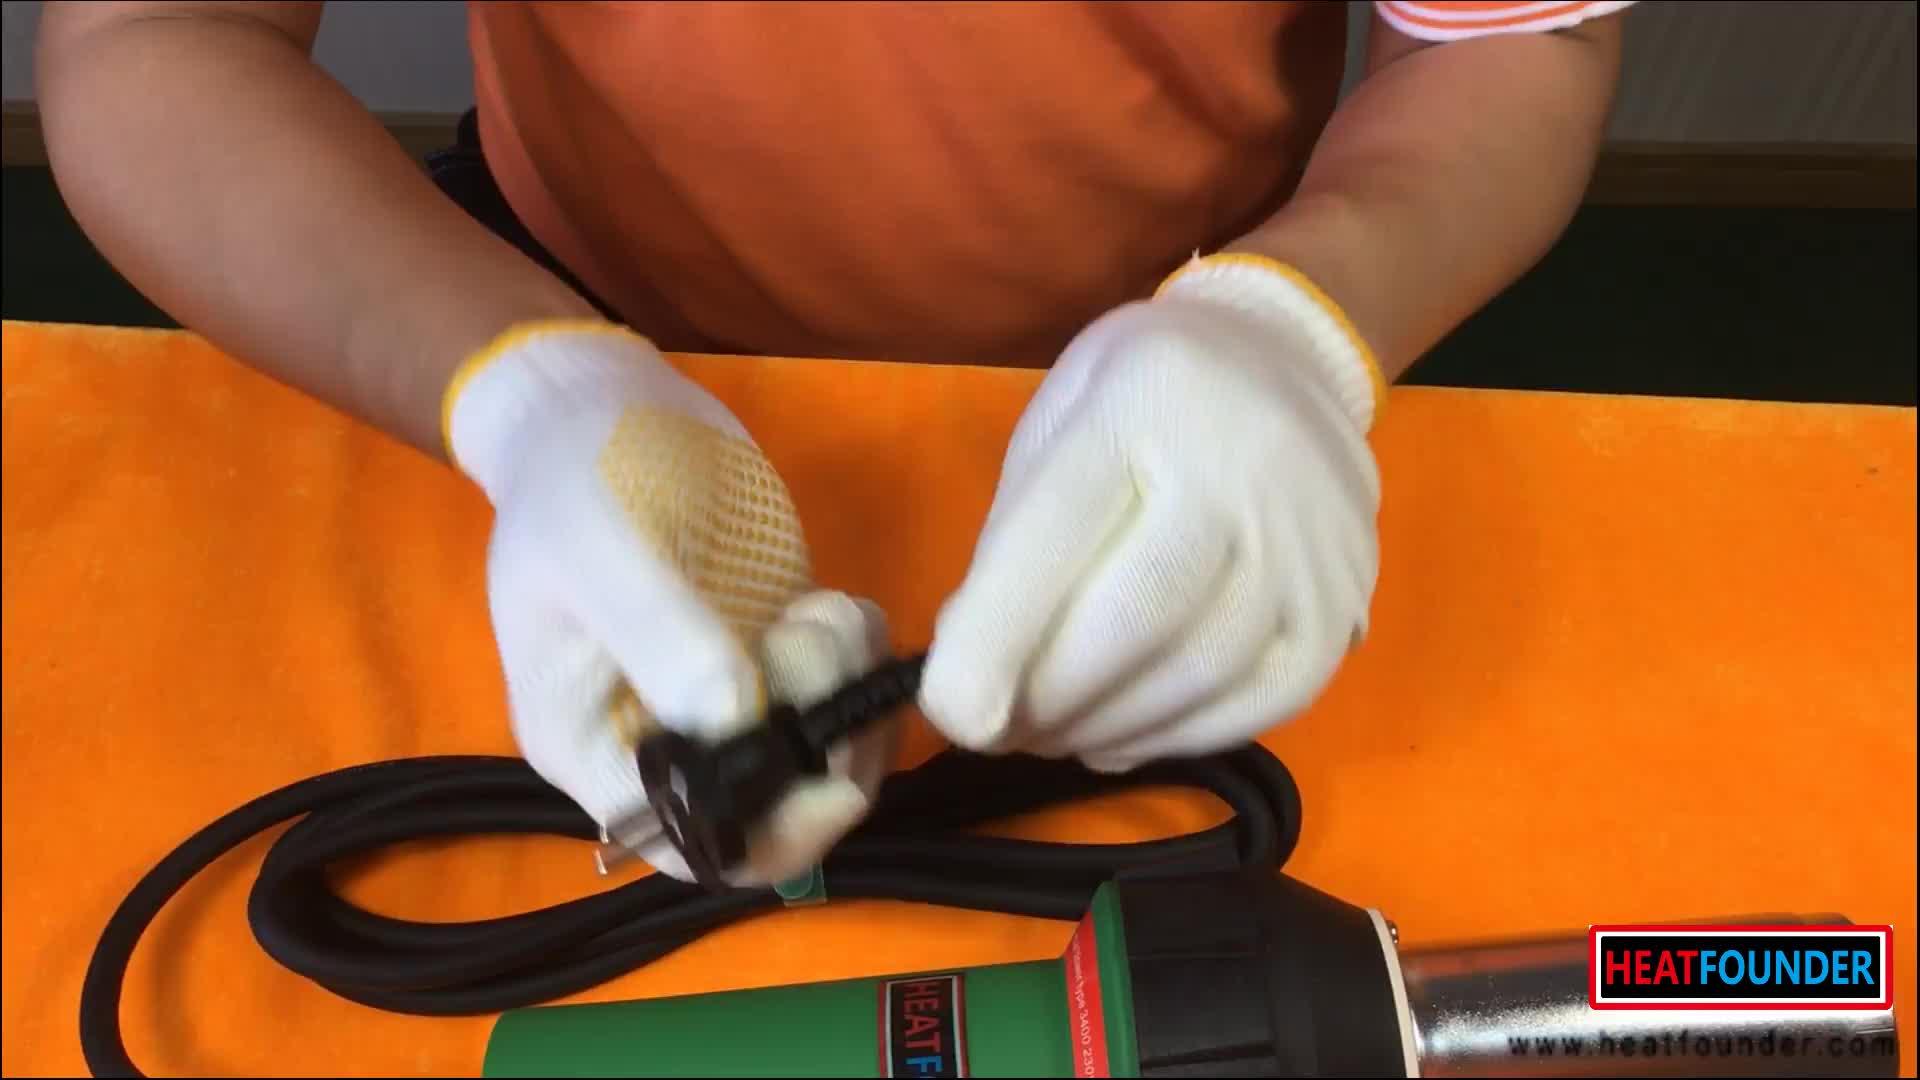 ช่างเชื่อมพลาสติกมืออากาศร้อนเครื่องมือเชื่อมประเภทปืนลมร้อนช่างเชื่อมพลาสติกอากาศร้อน